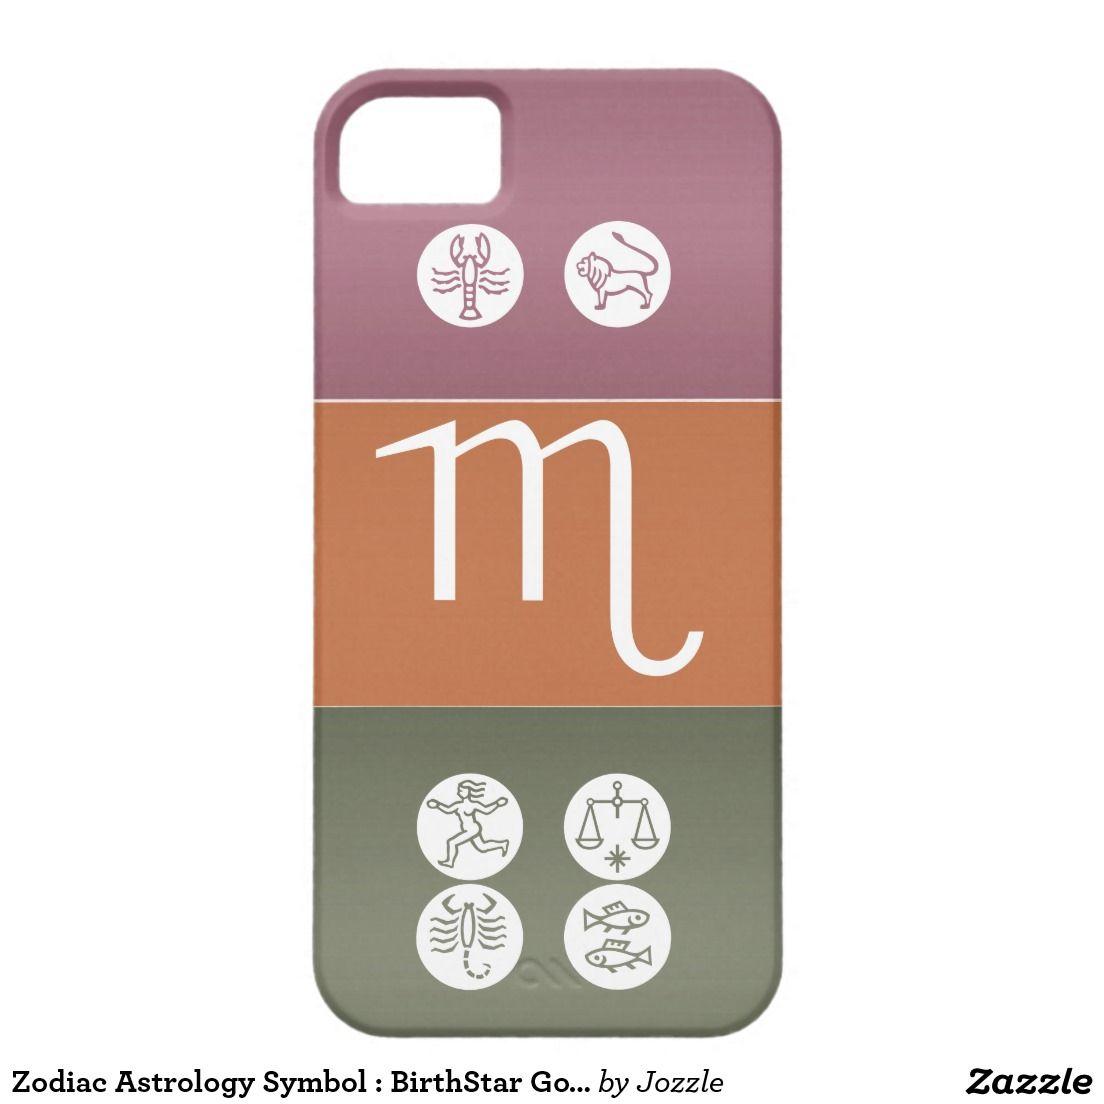 Zodiac astrology symbol birthstar goodluck charm iphone se55s zodiac astrology symbol birthstar goodluck charm iphone se55s case buycottarizona